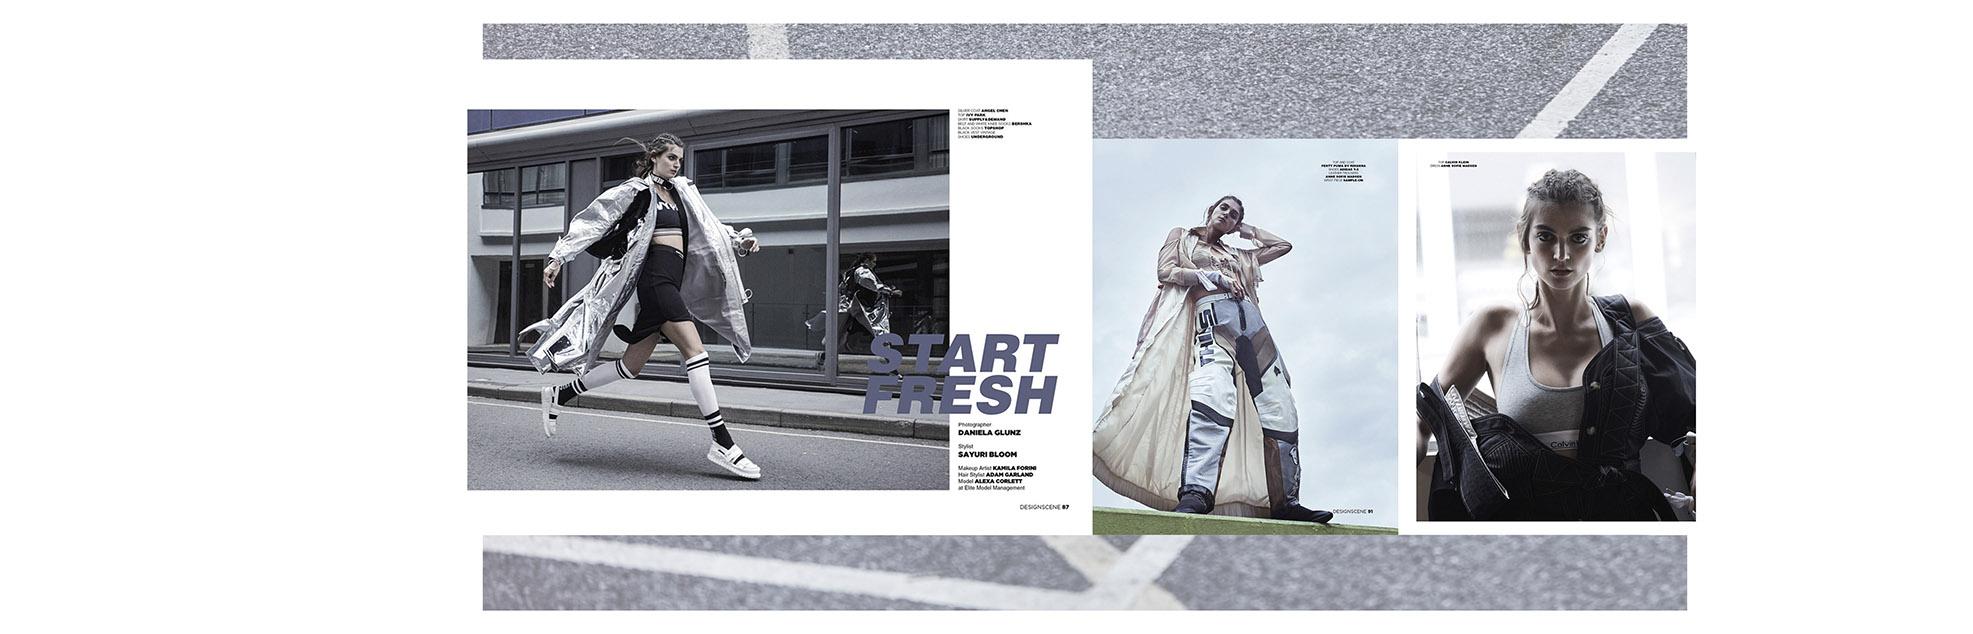 D´Scene - start fresh